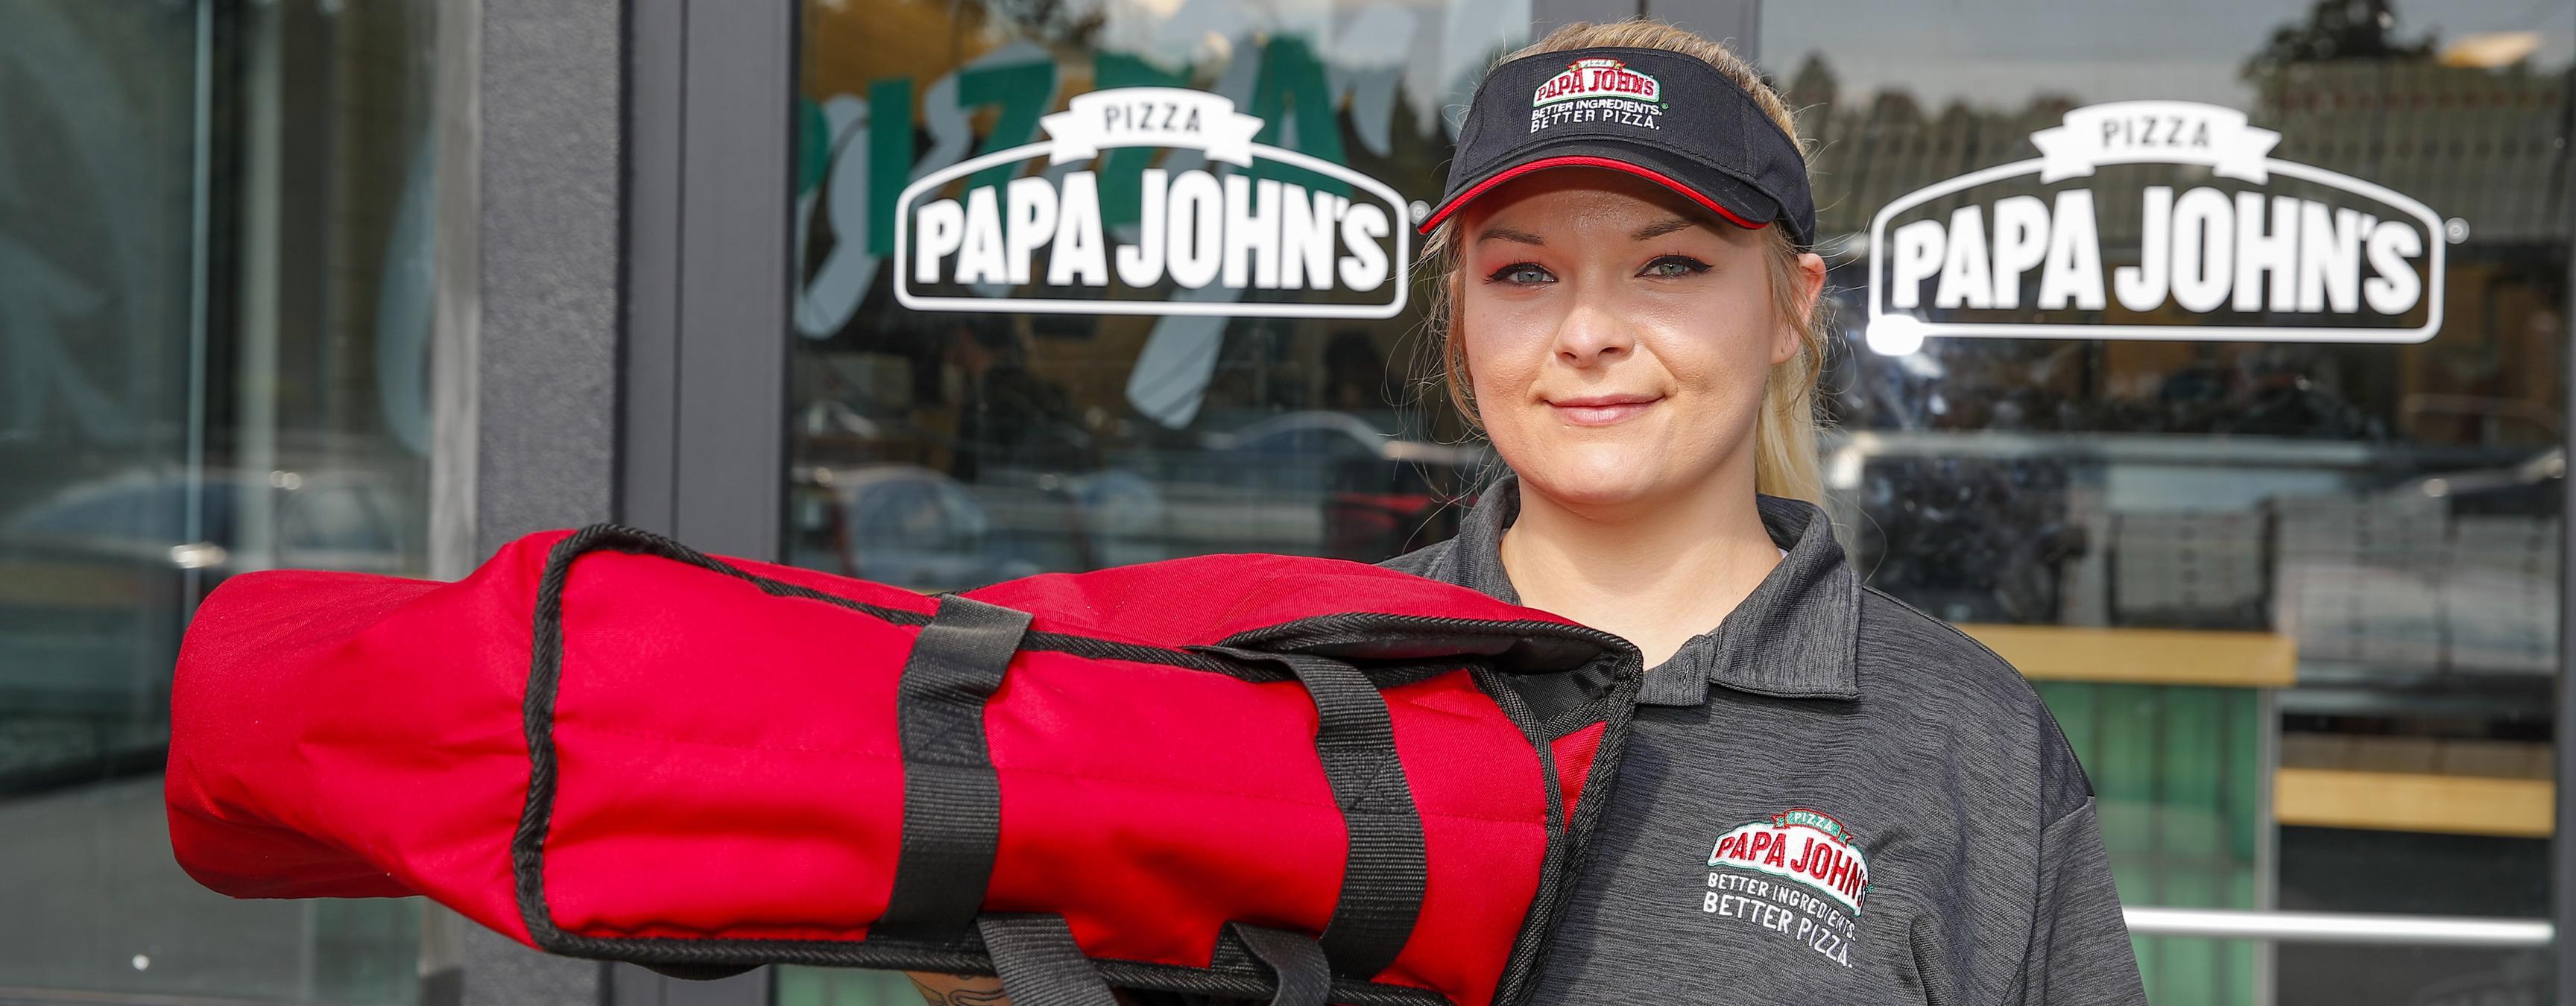 Papa John's - Restaurant Group Brand Cover